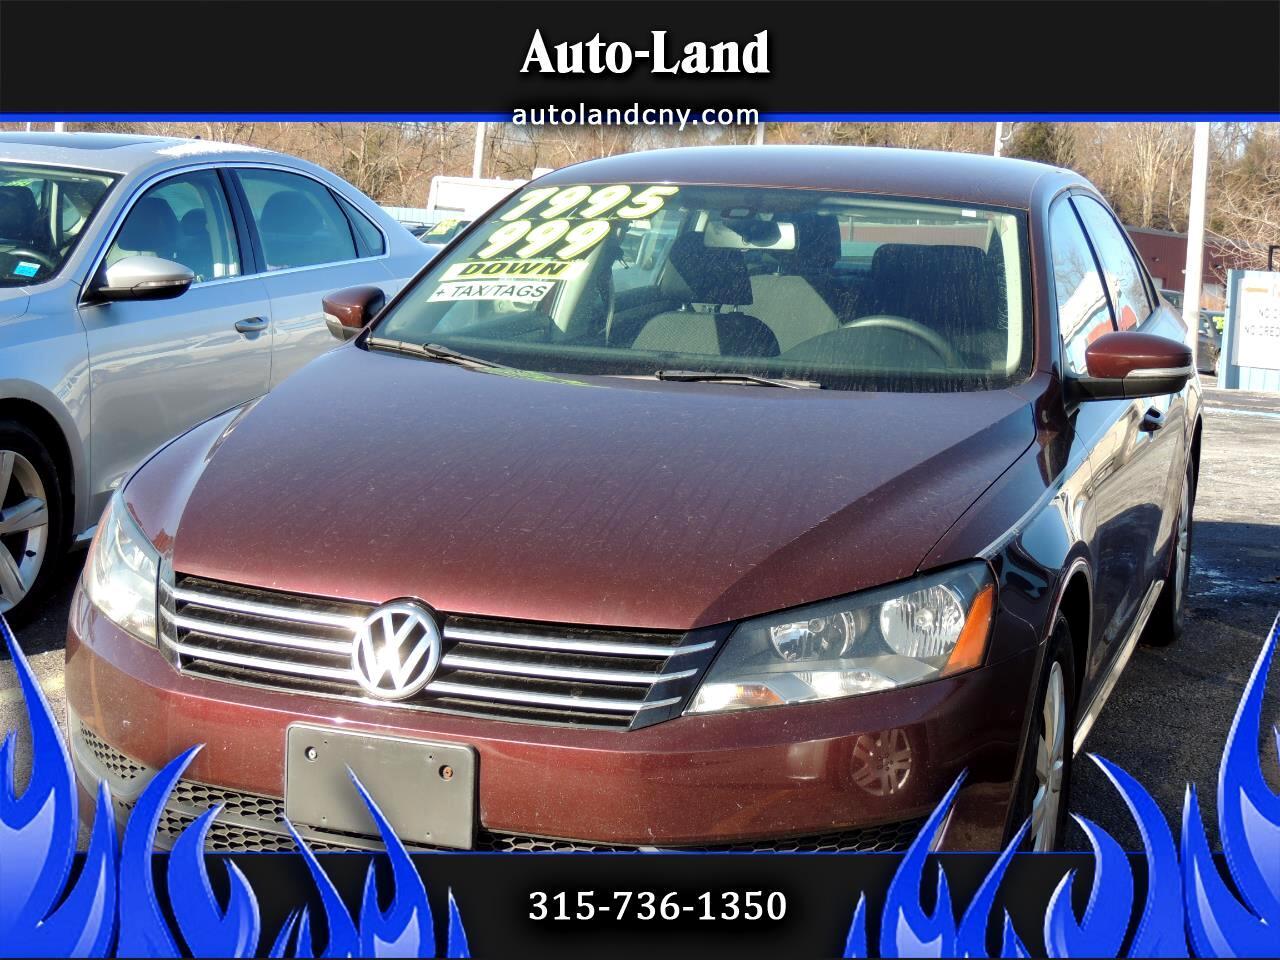 Volkswagen Passat 2.5L S W/Appearance 2013